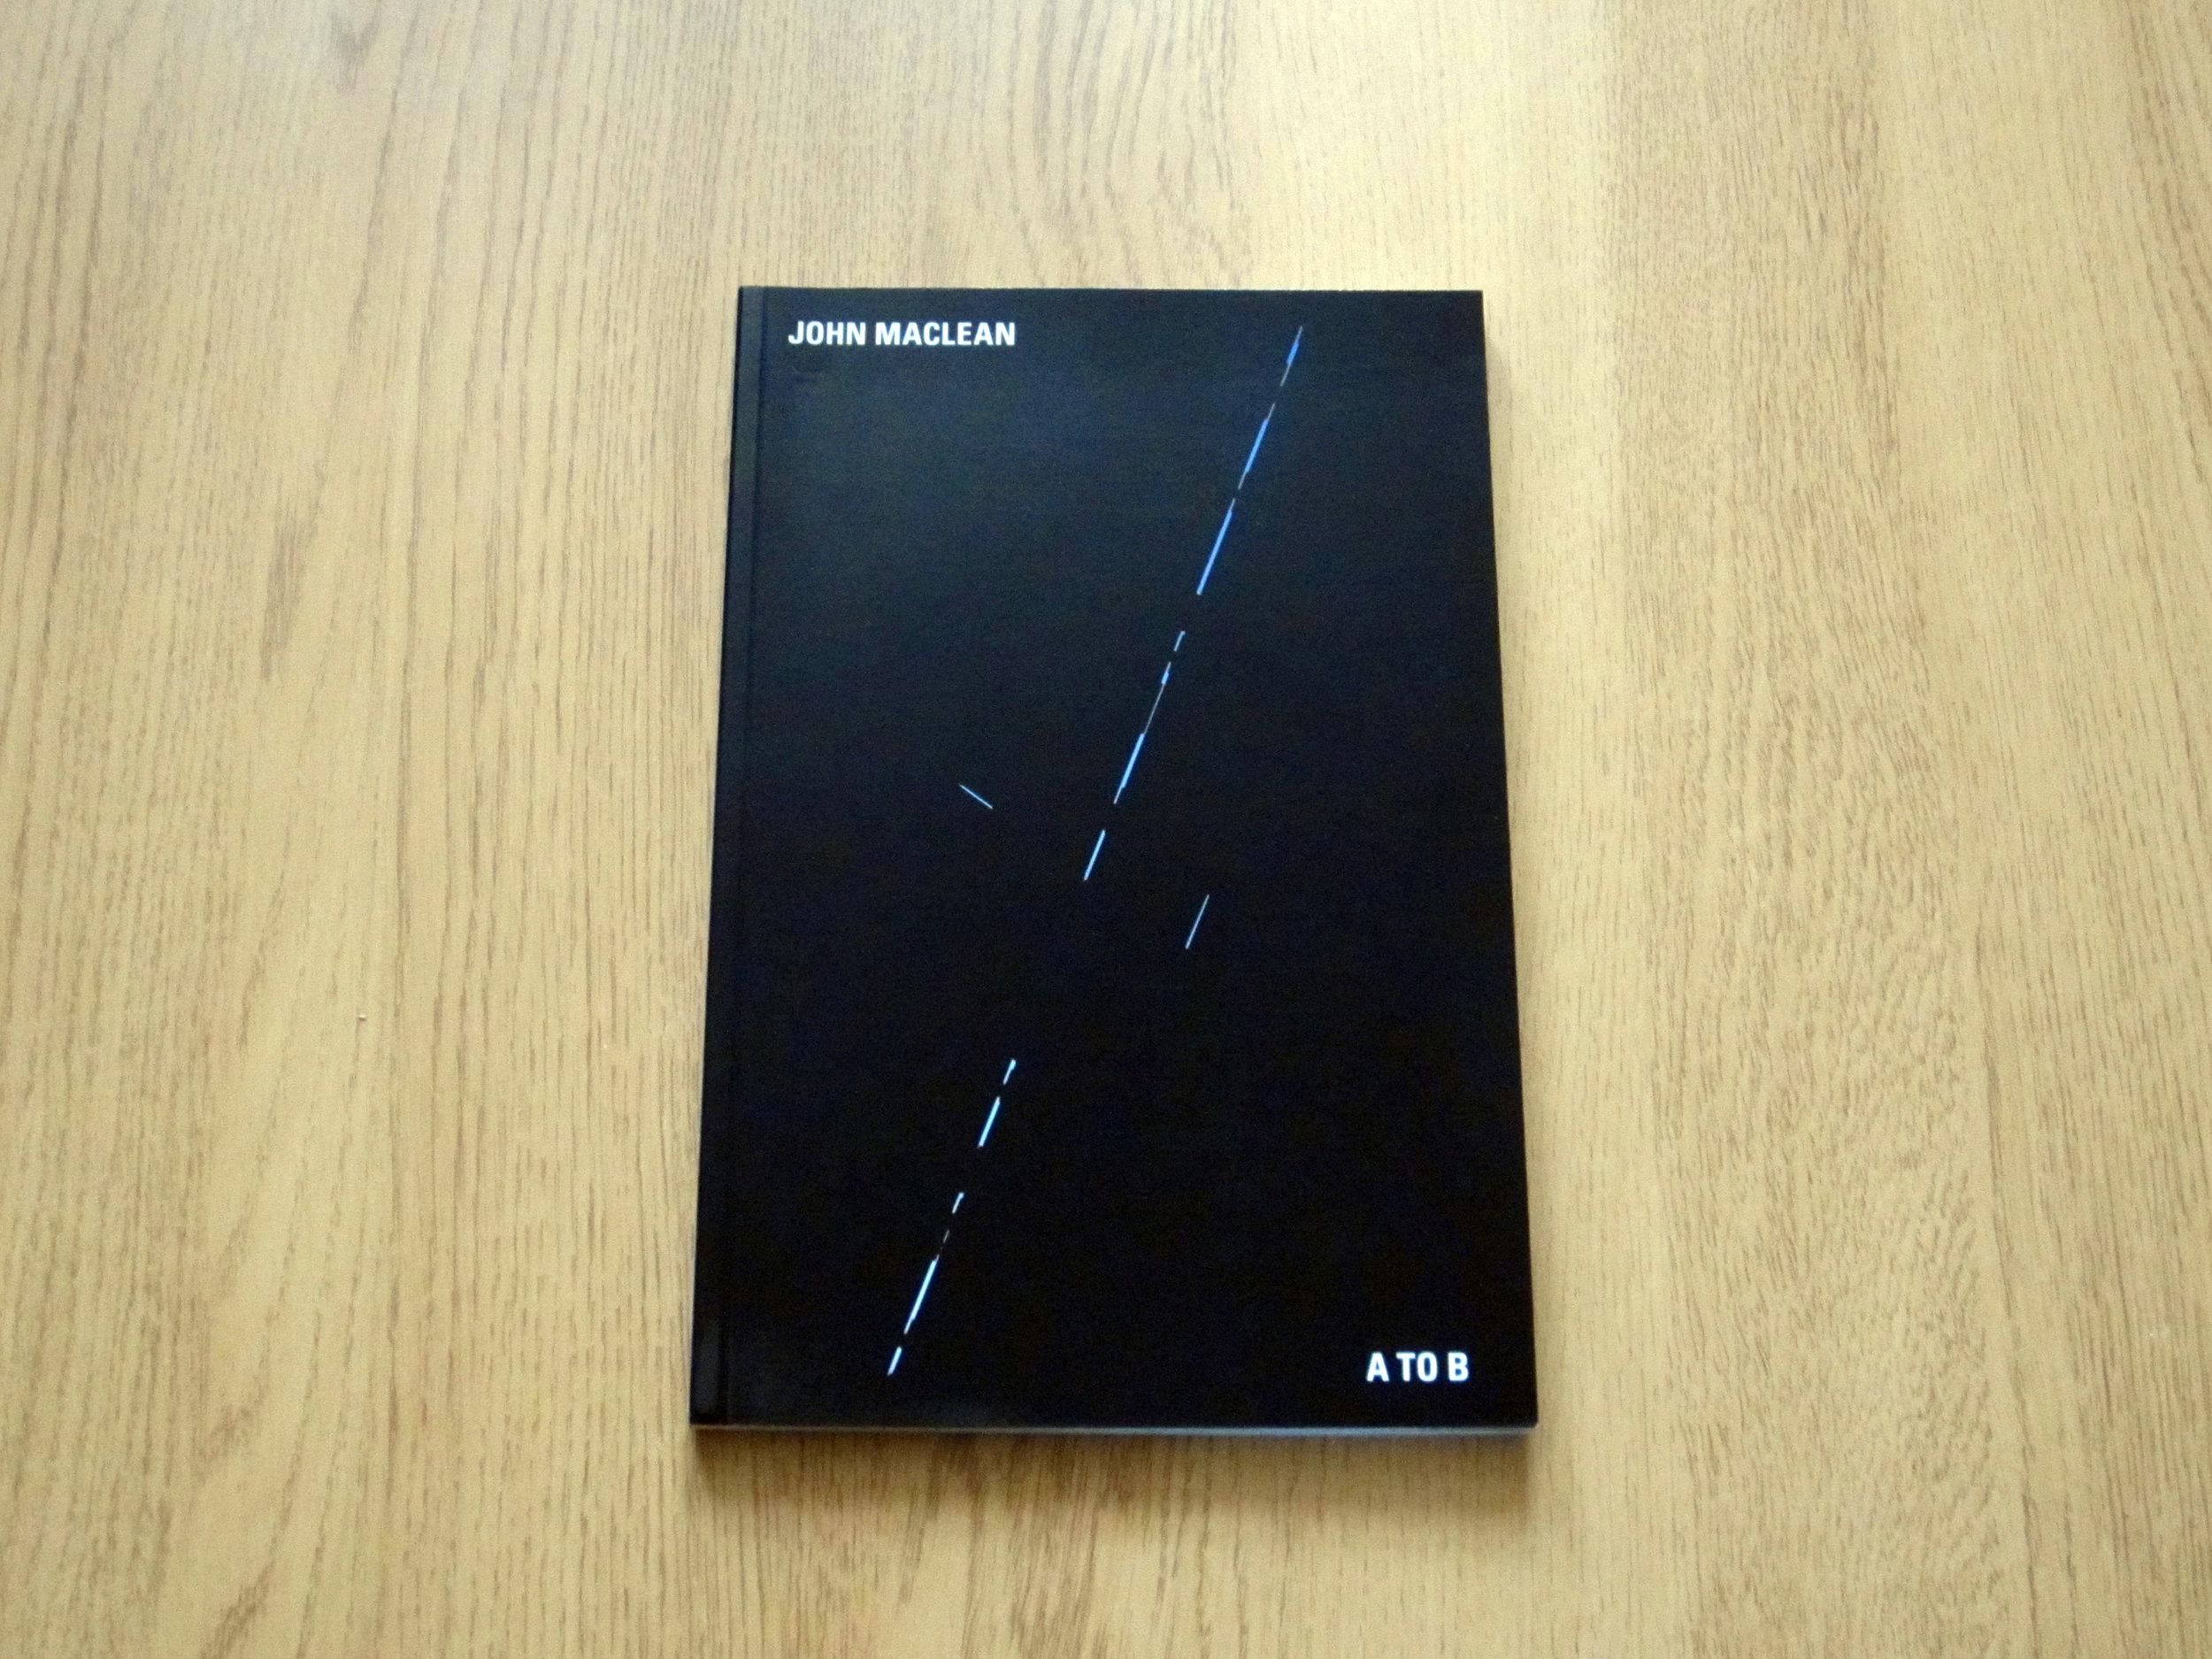 John Maclean book